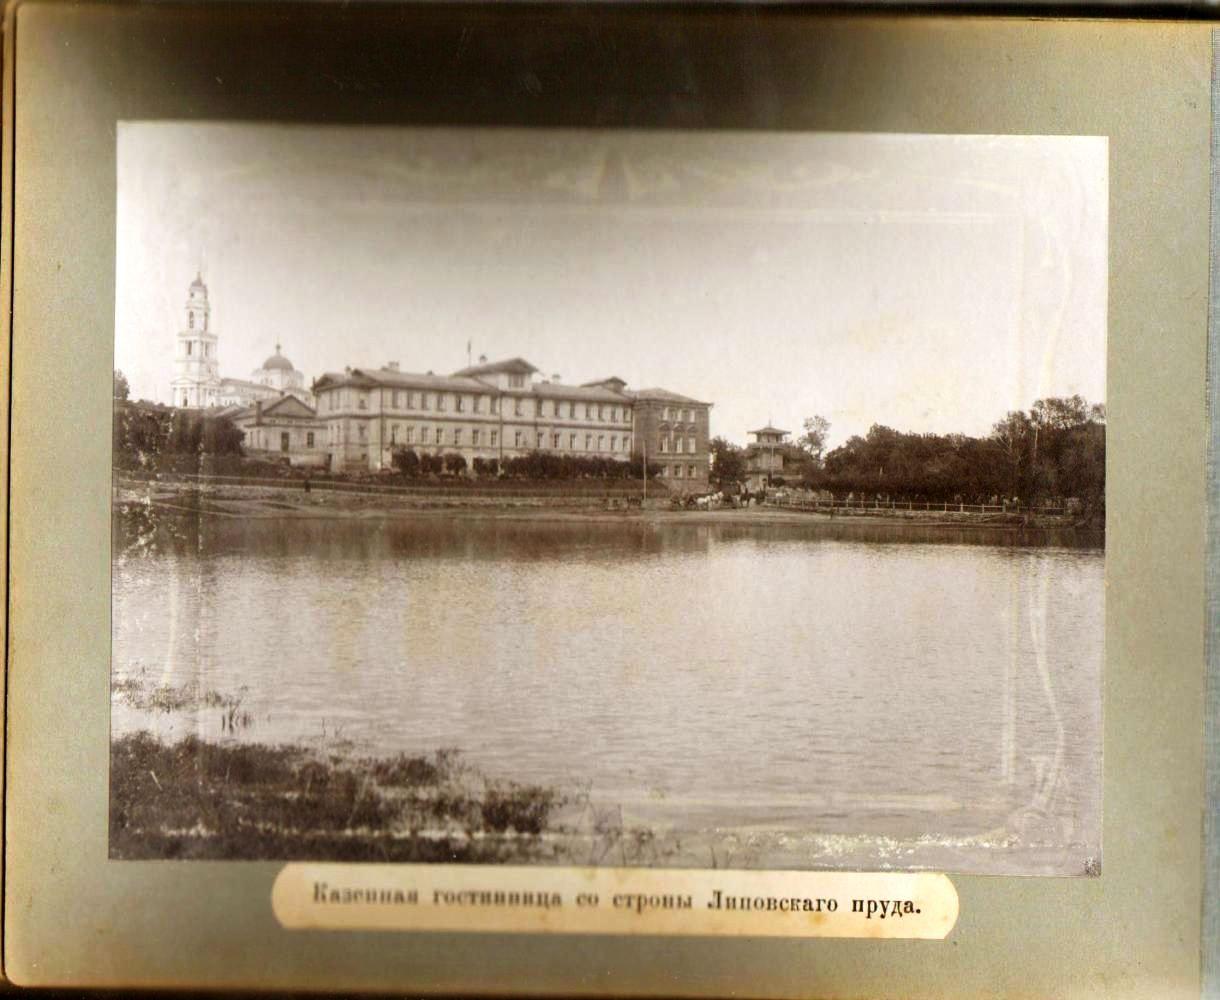 13. Казенная гостиница со стороны Липовского пруда